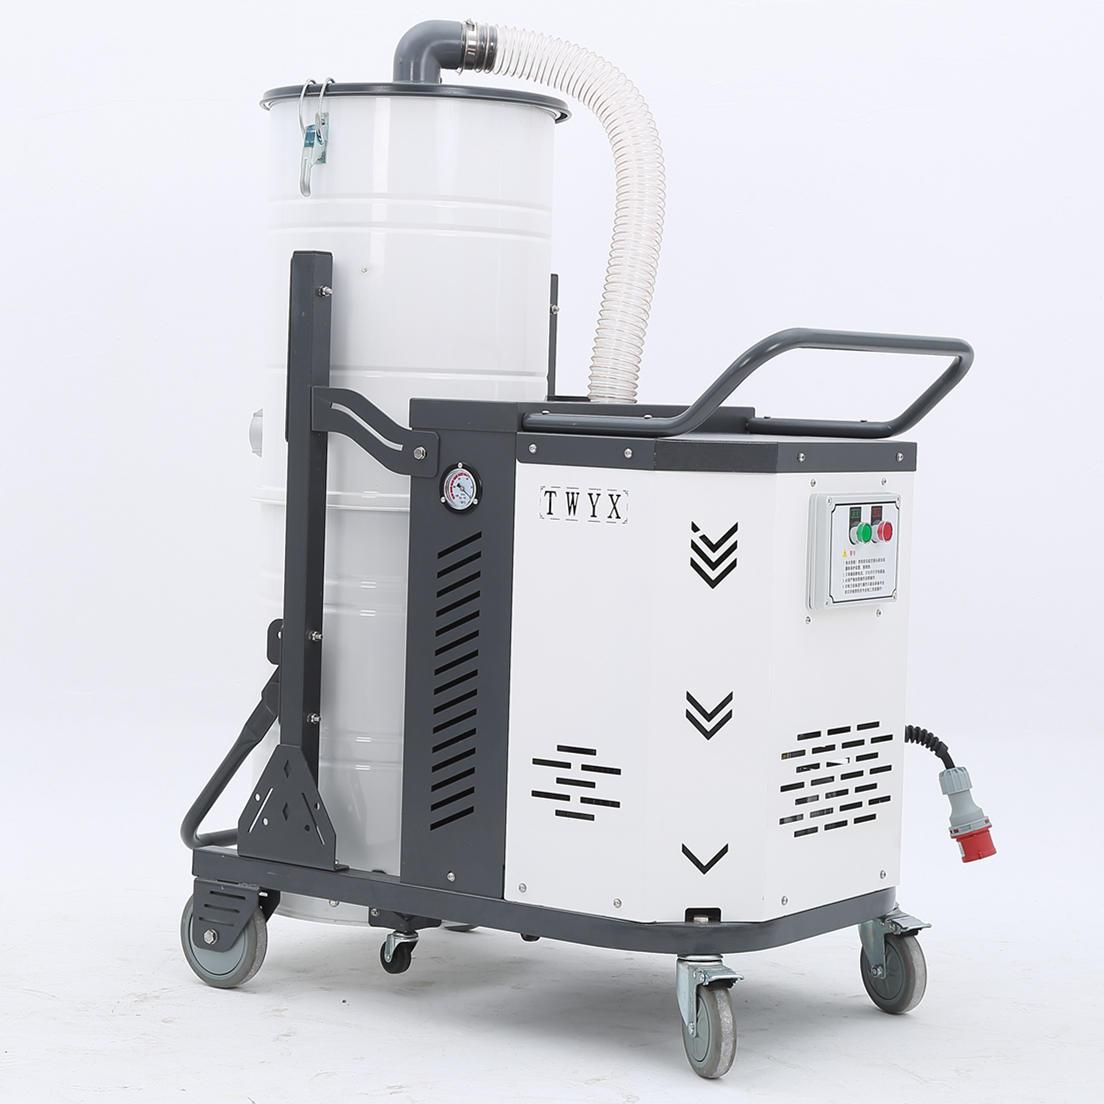 厂家吸石墨粉尘吸尘器 移动式脉冲反吹工业吸尘器 铝屑吸尘器示例图24